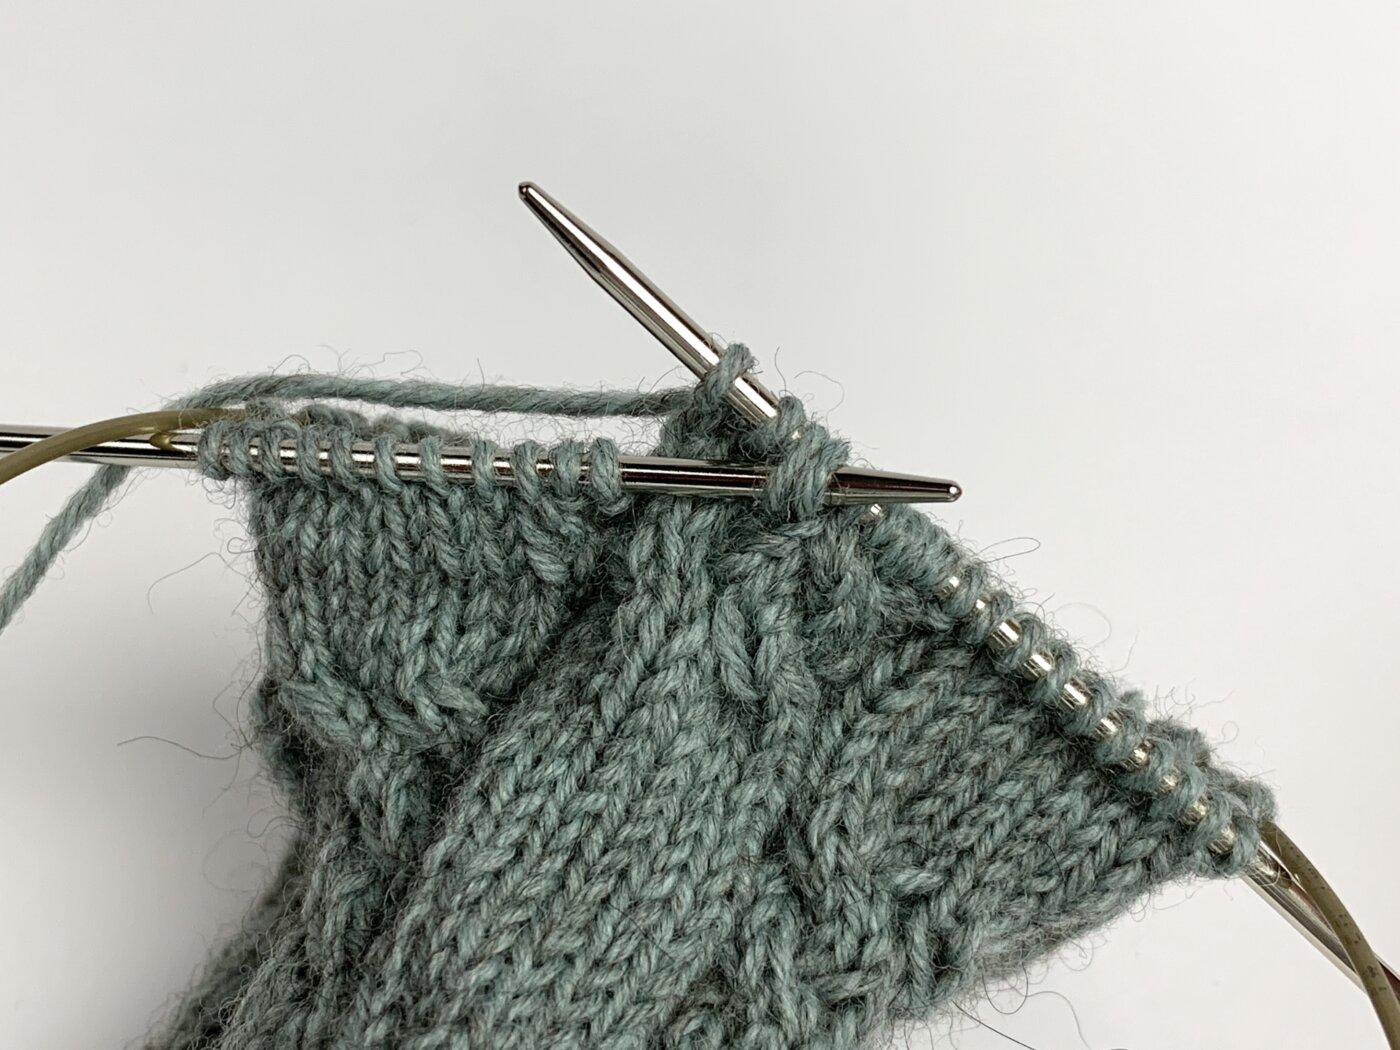 Die abgehobenen Maschen werden auf die linke Nadelspitze geschoben.